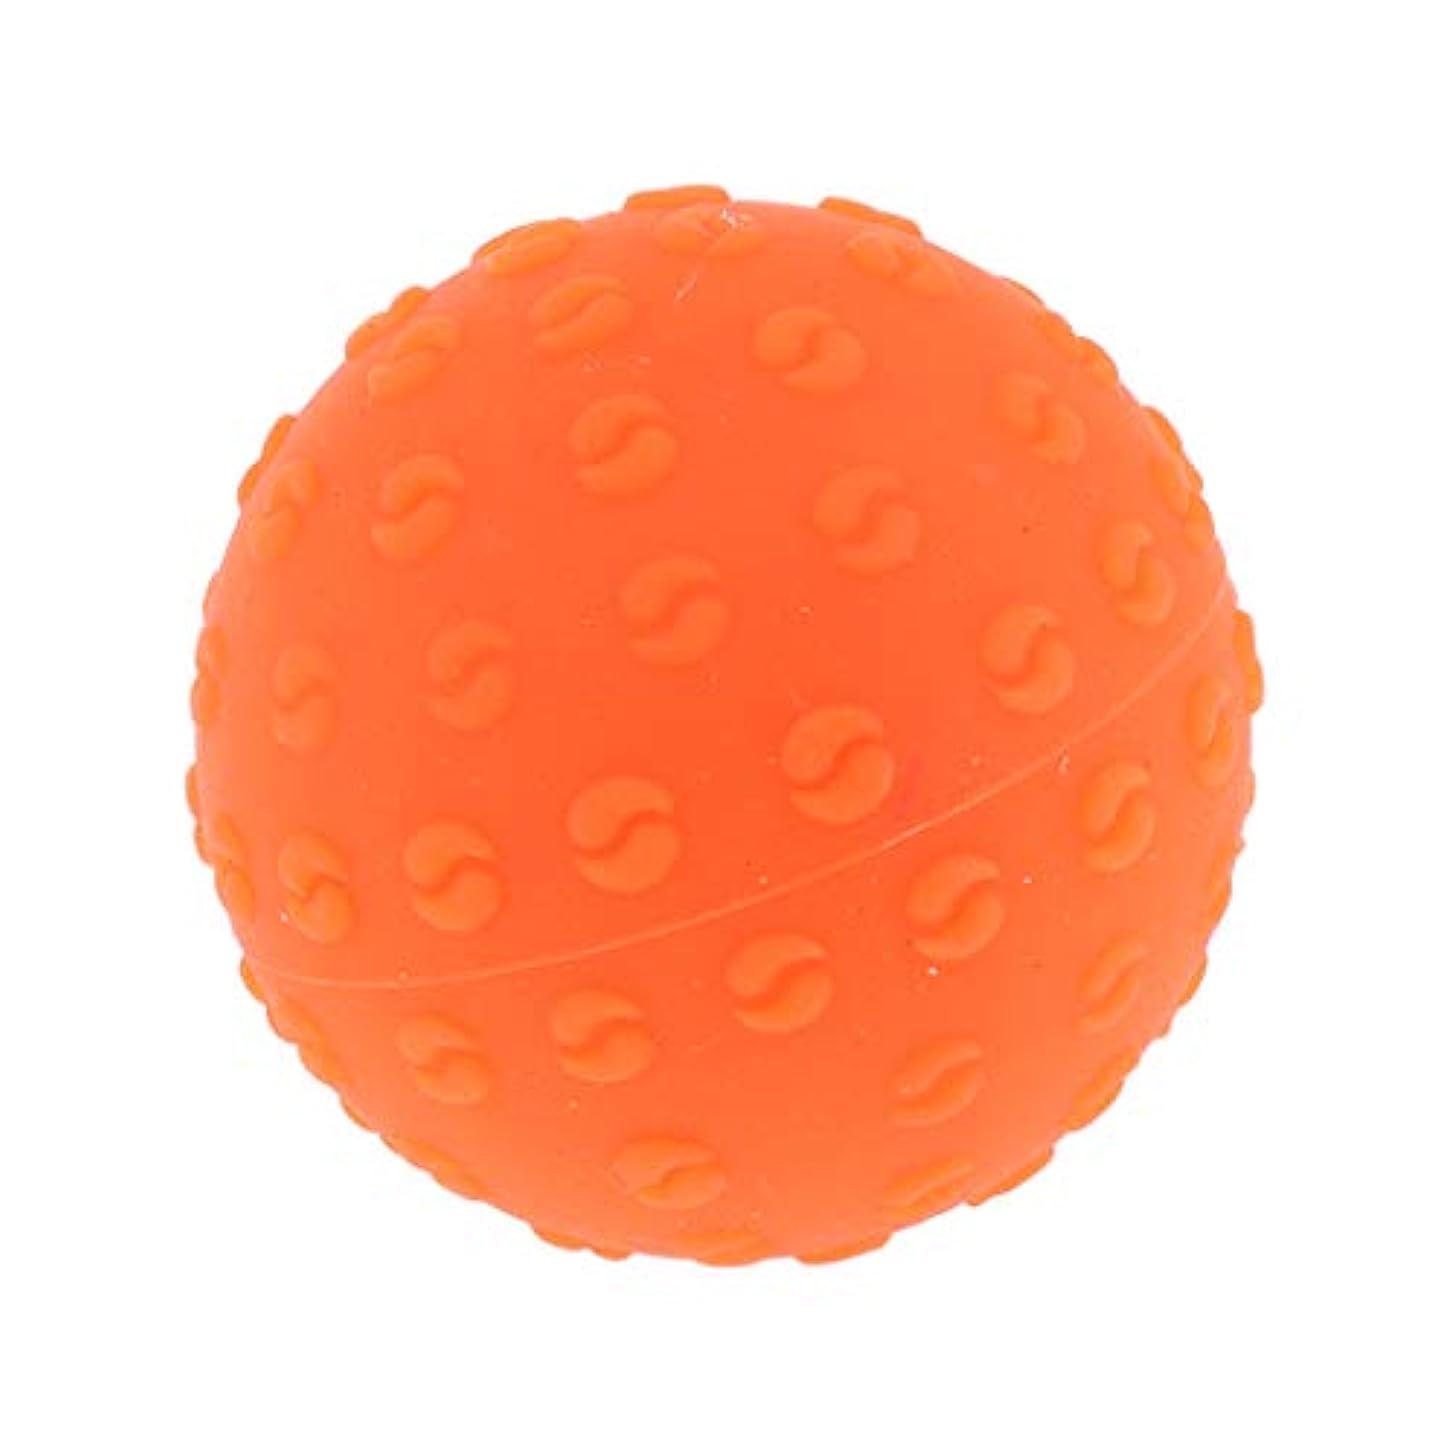 長くするピル尊厳FLAMEER 全6色 シリコーンマッサージボール 指圧ボール トリガーポイント ヨガ 肩、足、首、腕 解消 耐摩耗 - オレンジ, 説明のとおり